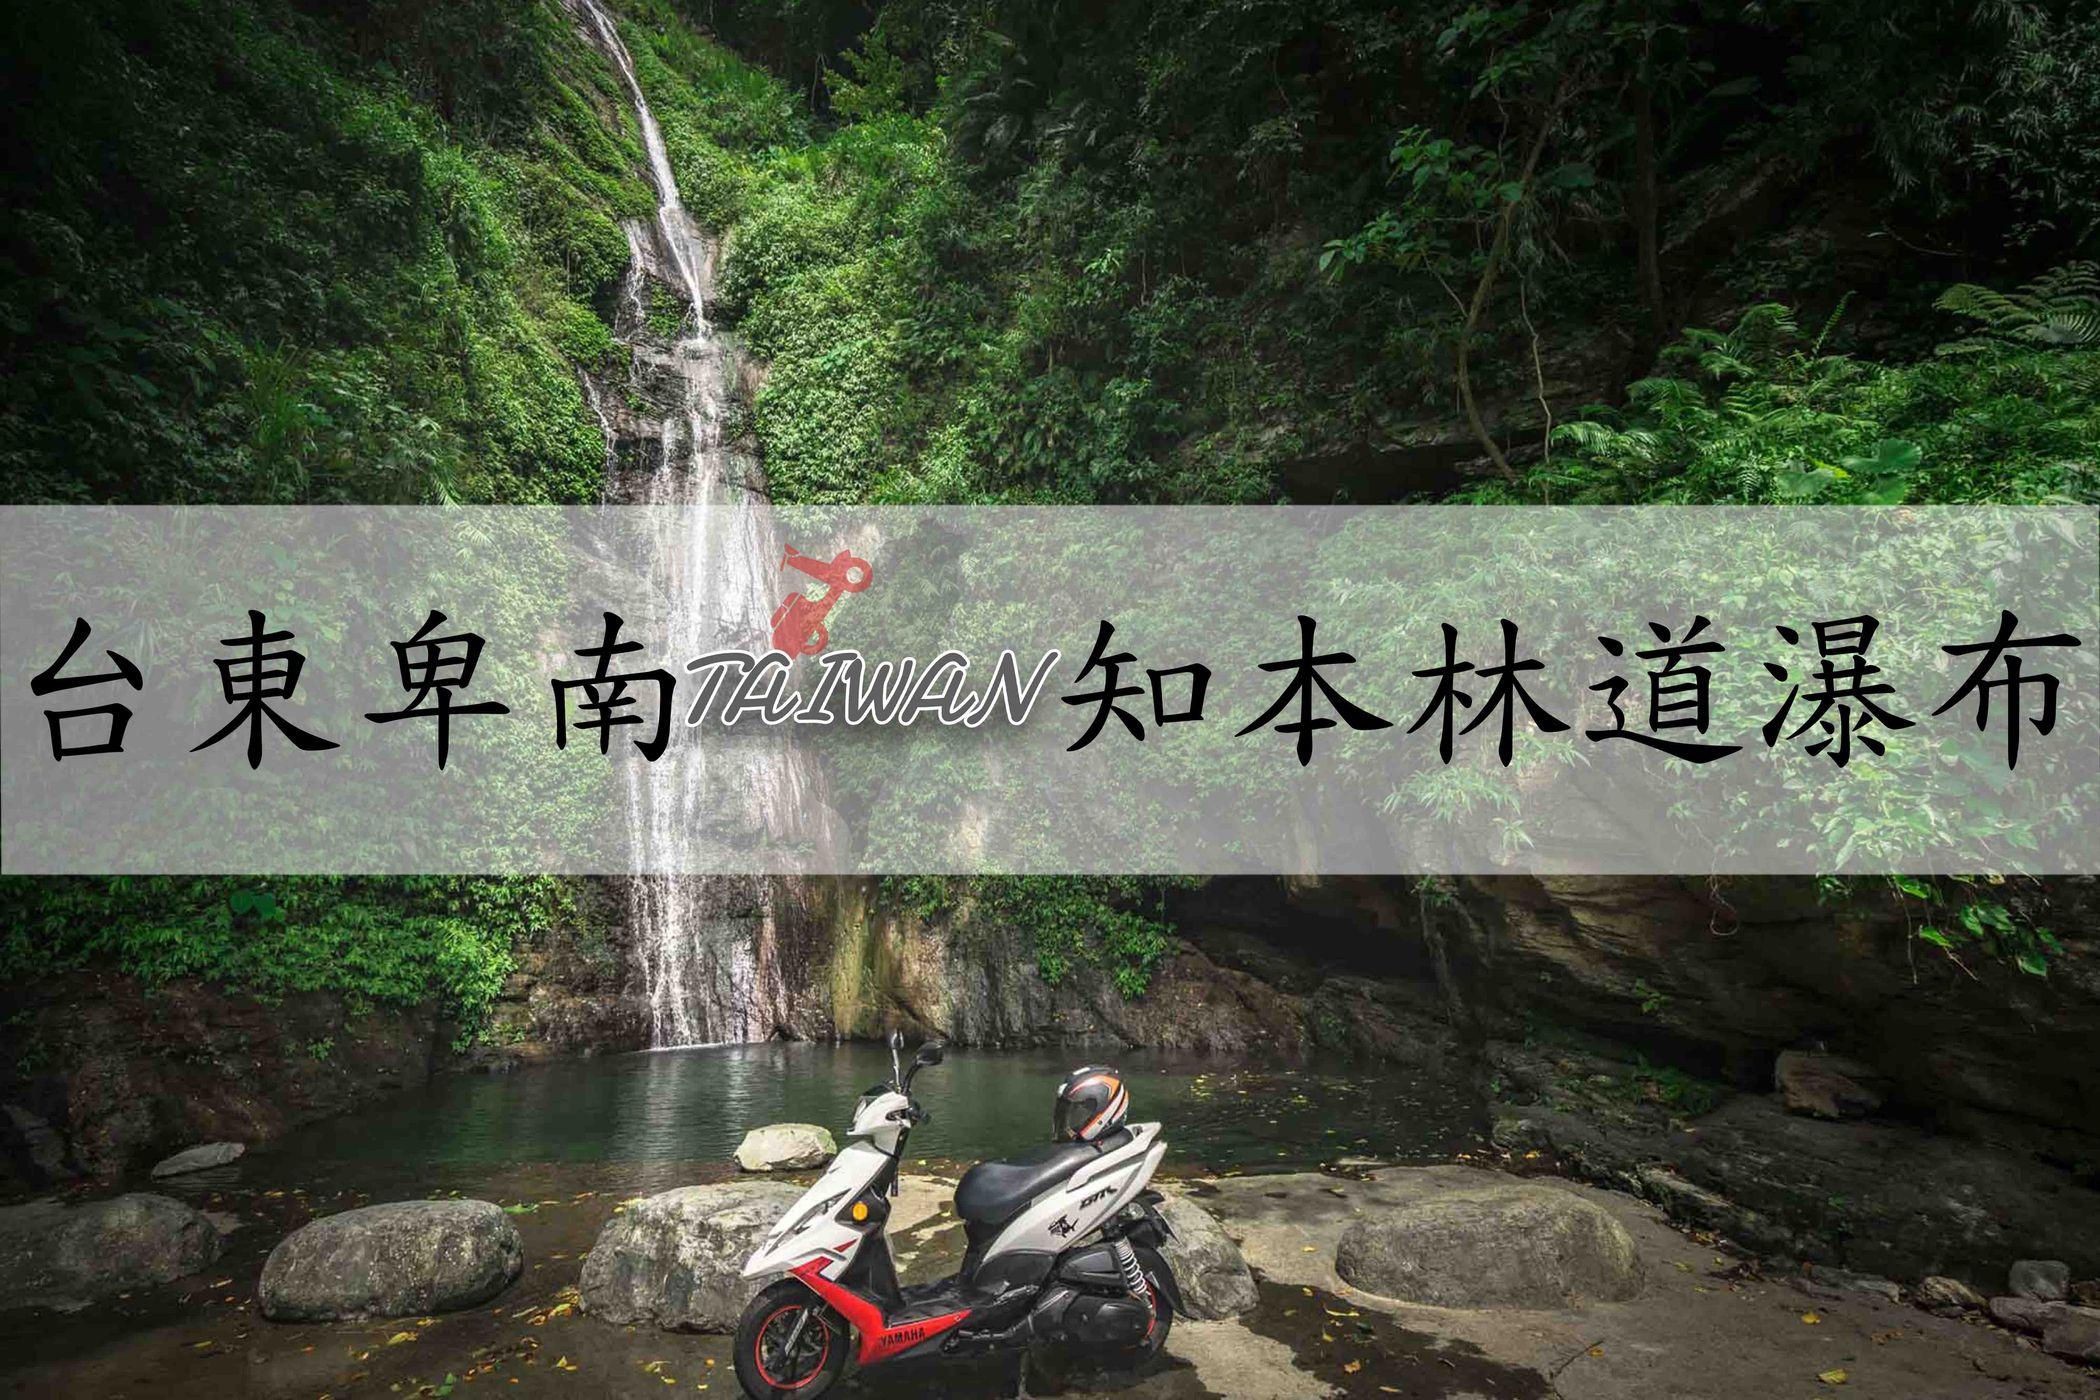 『台東卑南景點』路邊瀑布,知本林道瀑布|隱藏在林道裡的秘境,交通路線、注意事項一次搞定